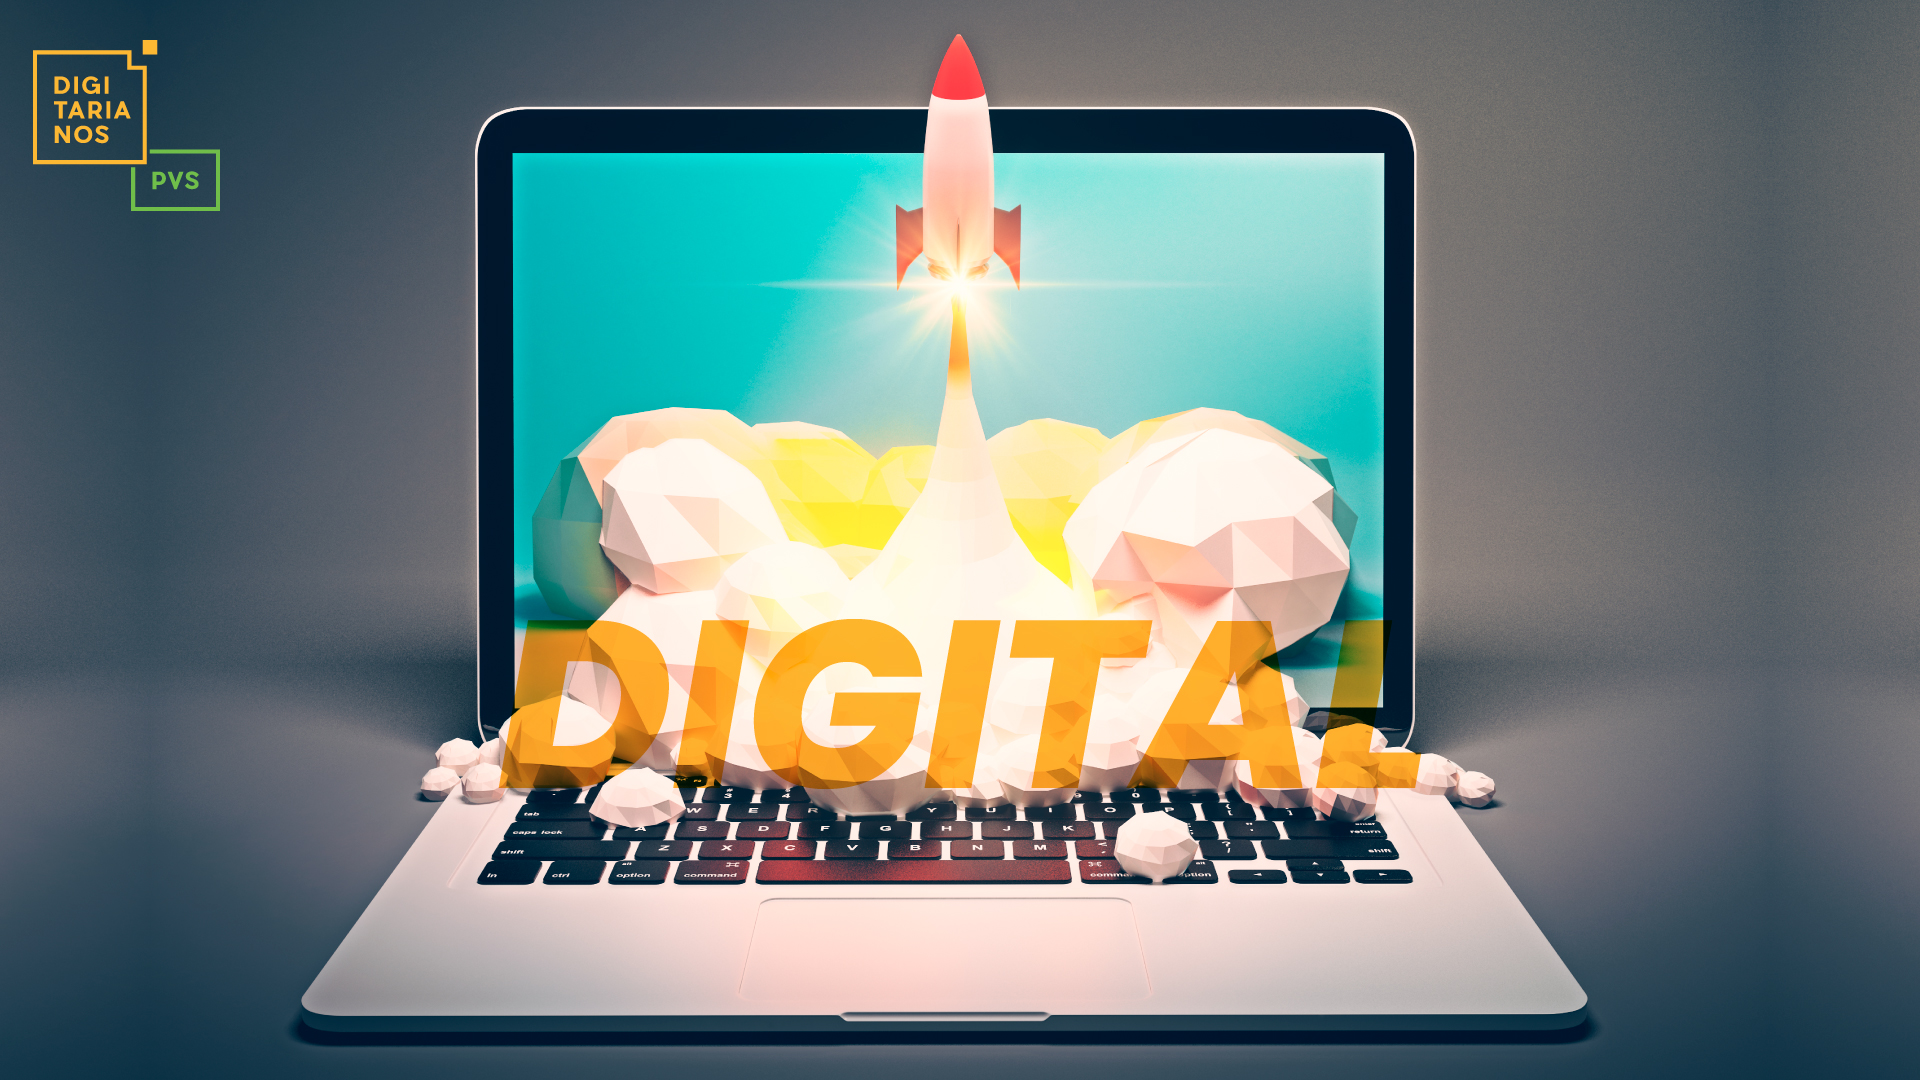 Digitarianos: vivimos en el mundo digital